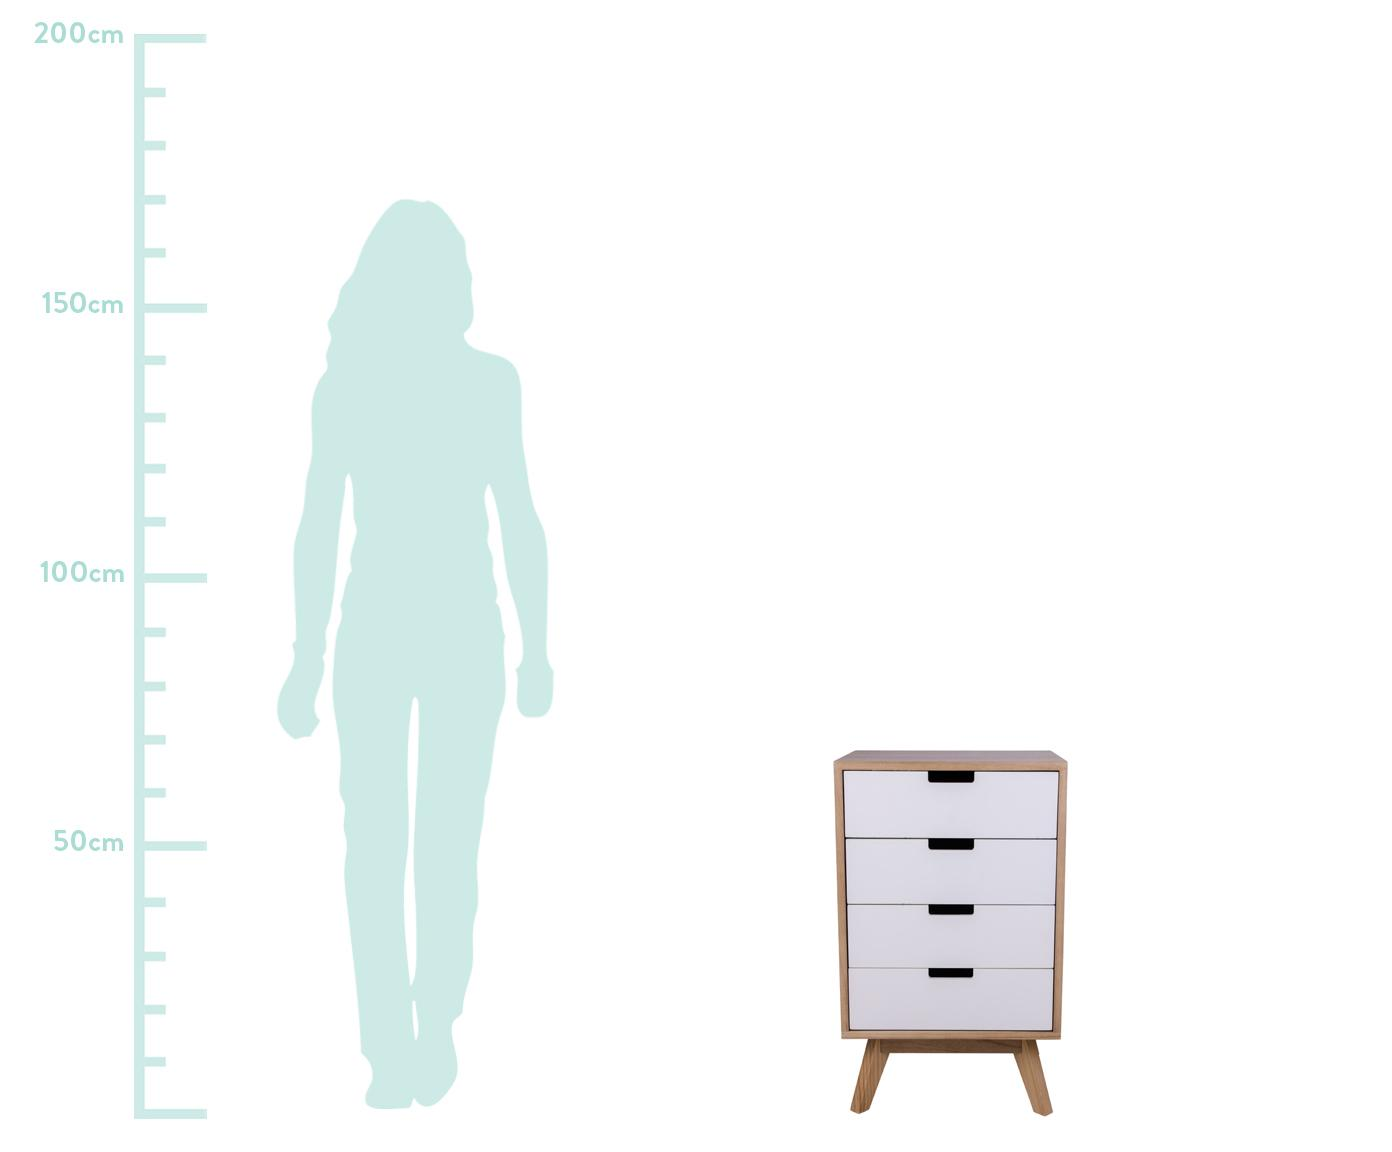 Szafka z szufladami Milano, Drewno paulownia, płyta pilśniowa średniej gęstości (MDF), Biały, drewno paulownia, S 40 x G 36 cm